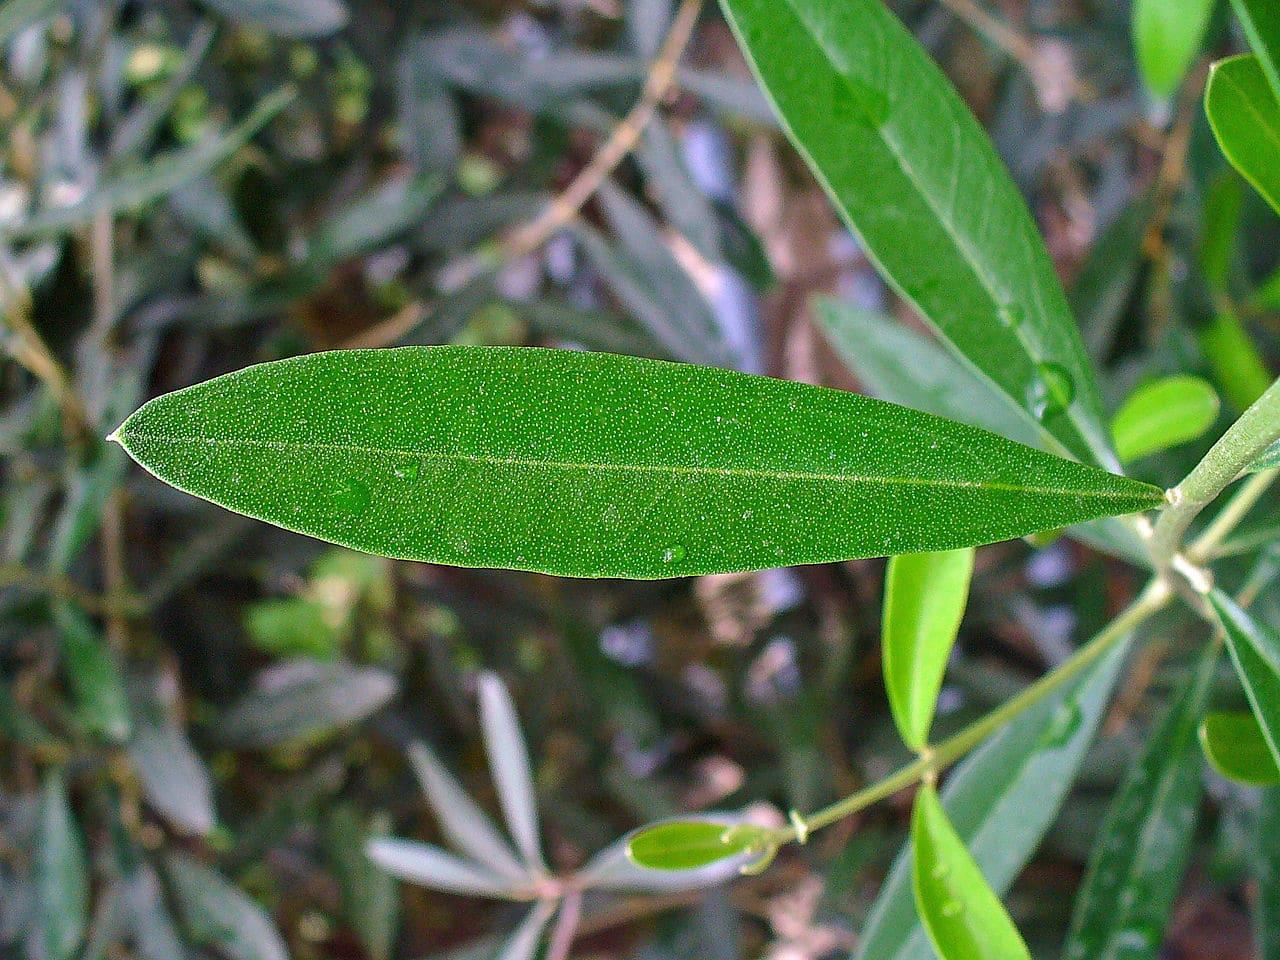 El olivo es un árbol perennifolio